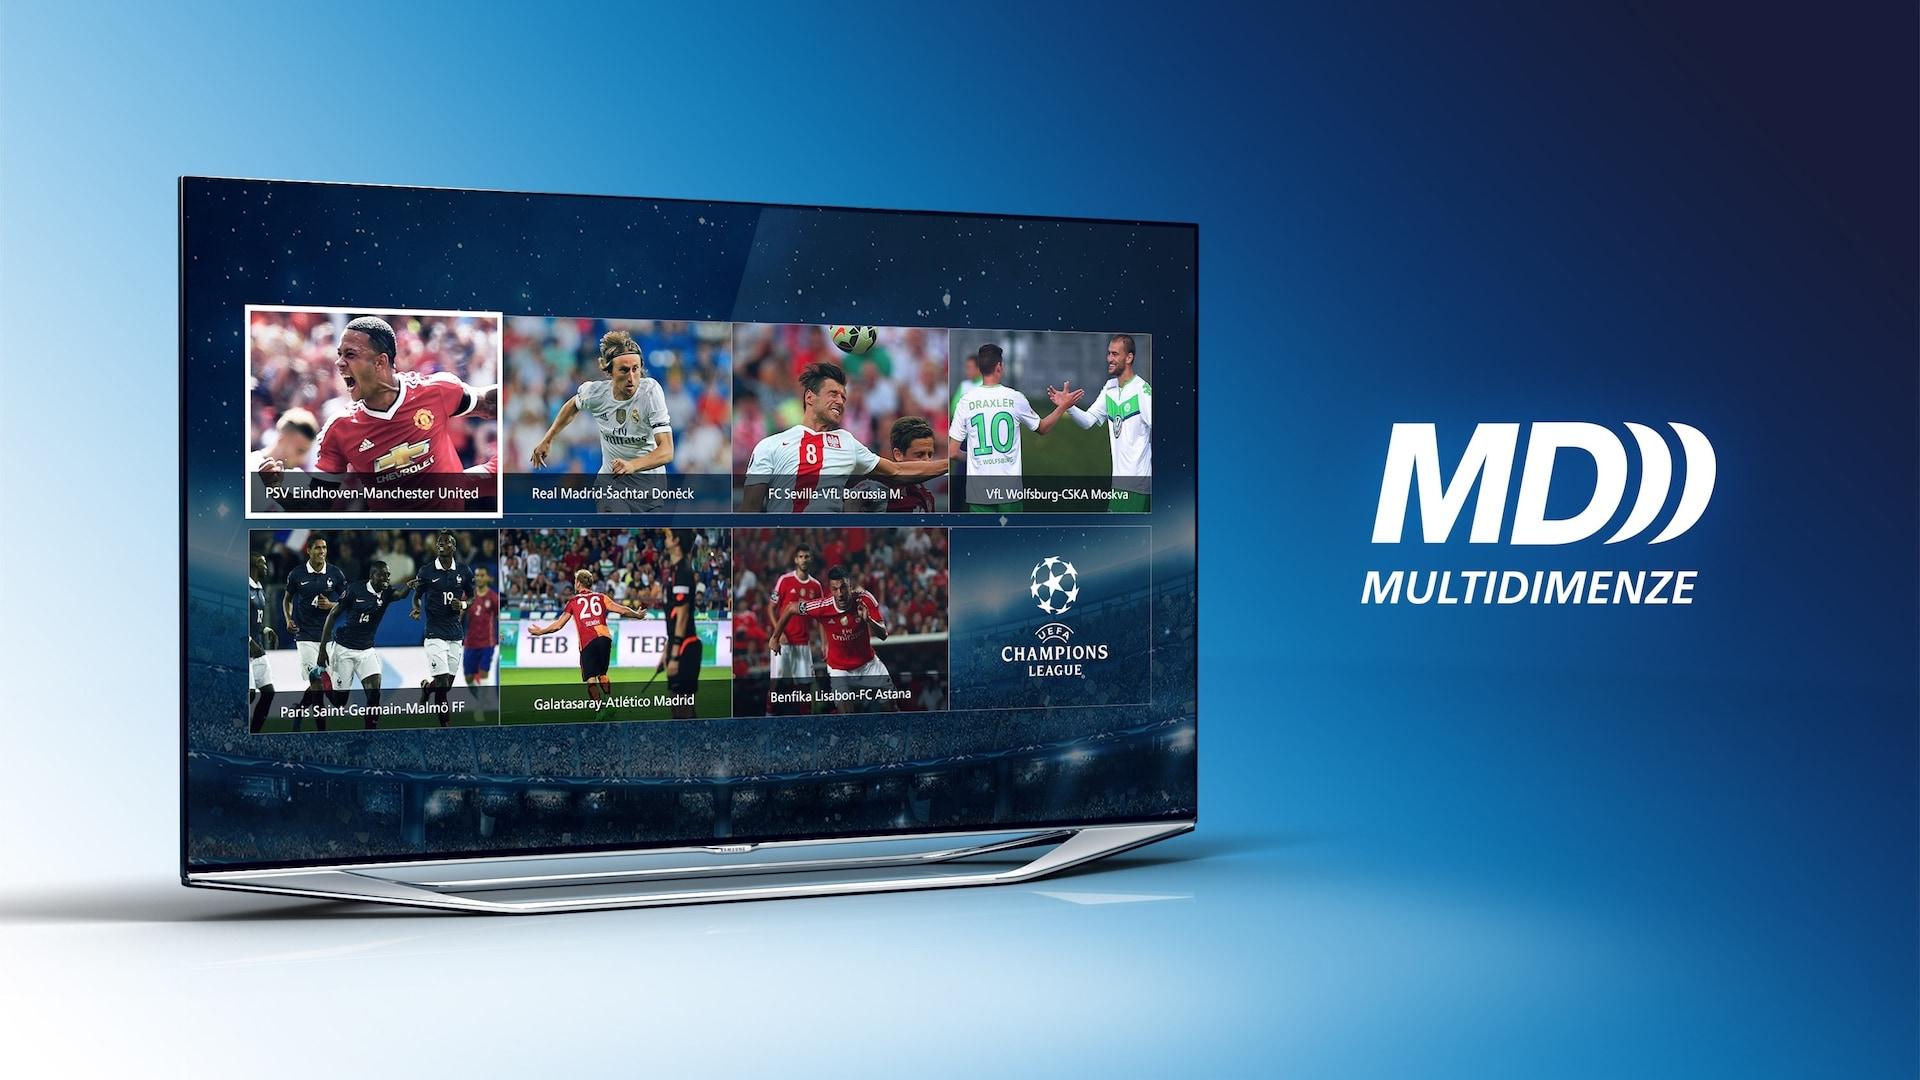 Multidimenze v O2 TV umožňuje sledovat několik sportovních přenosů najednou